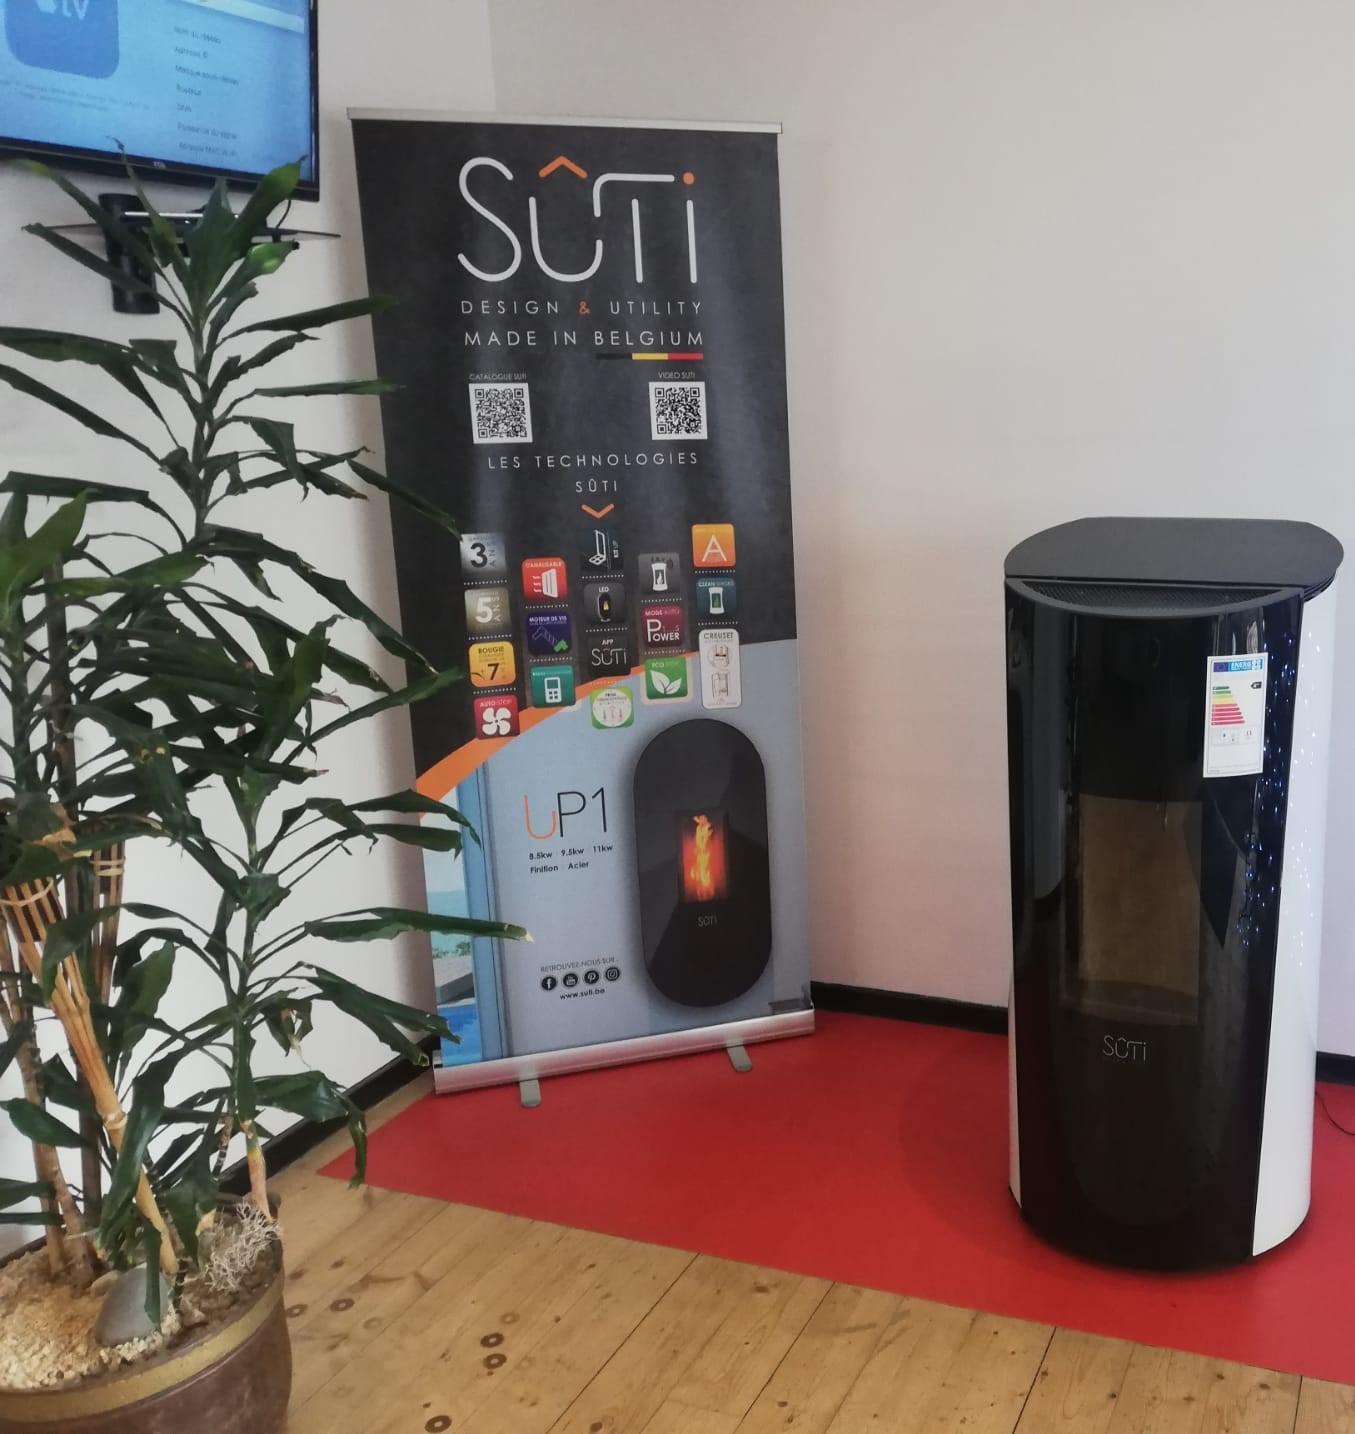 Sûti Design & Utility | Poêle à pellet IP1 verre blanc